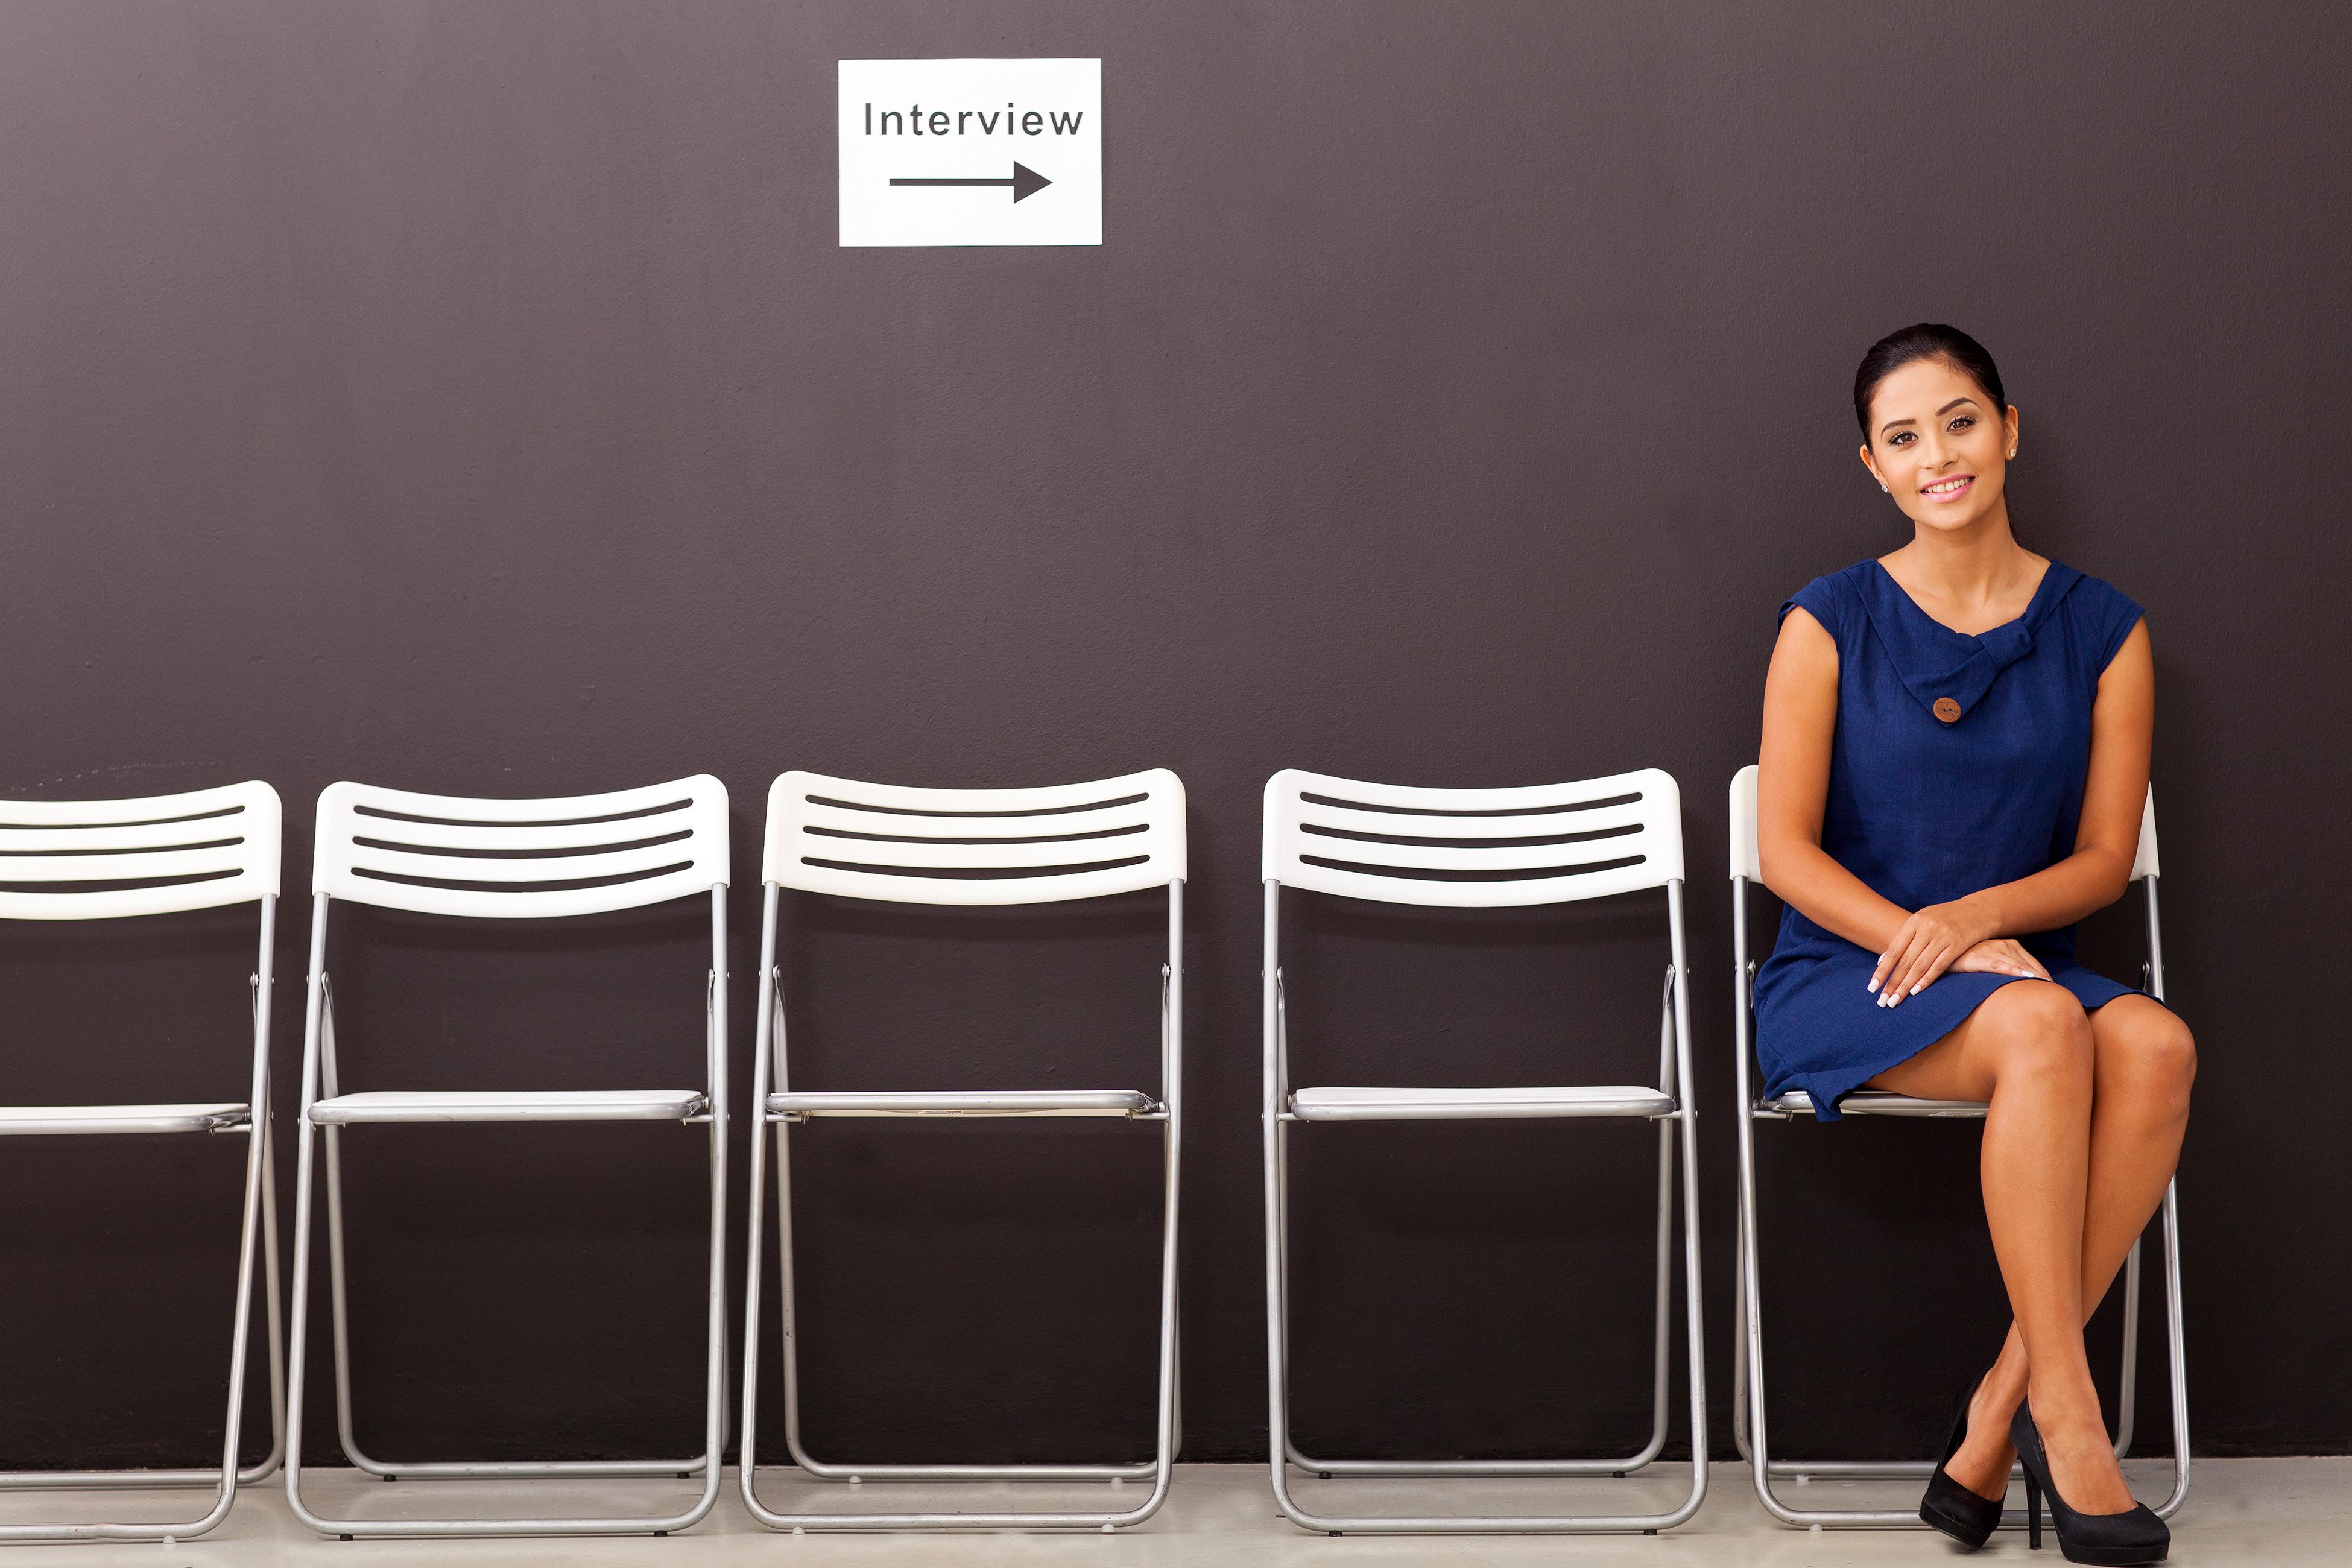 8 Tipps Für Das Bewerbungsgespräch How To Stay Cool Karriereat